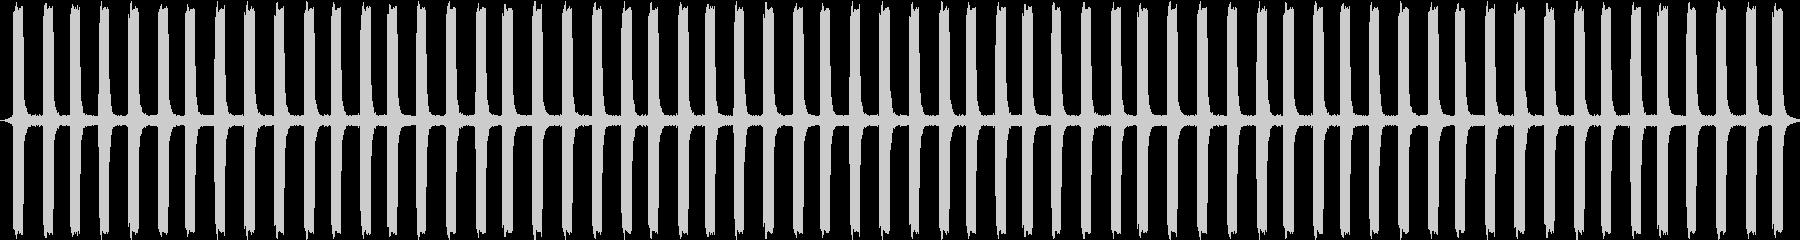 心臓モニター:電子音:高速、病院、...の未再生の波形